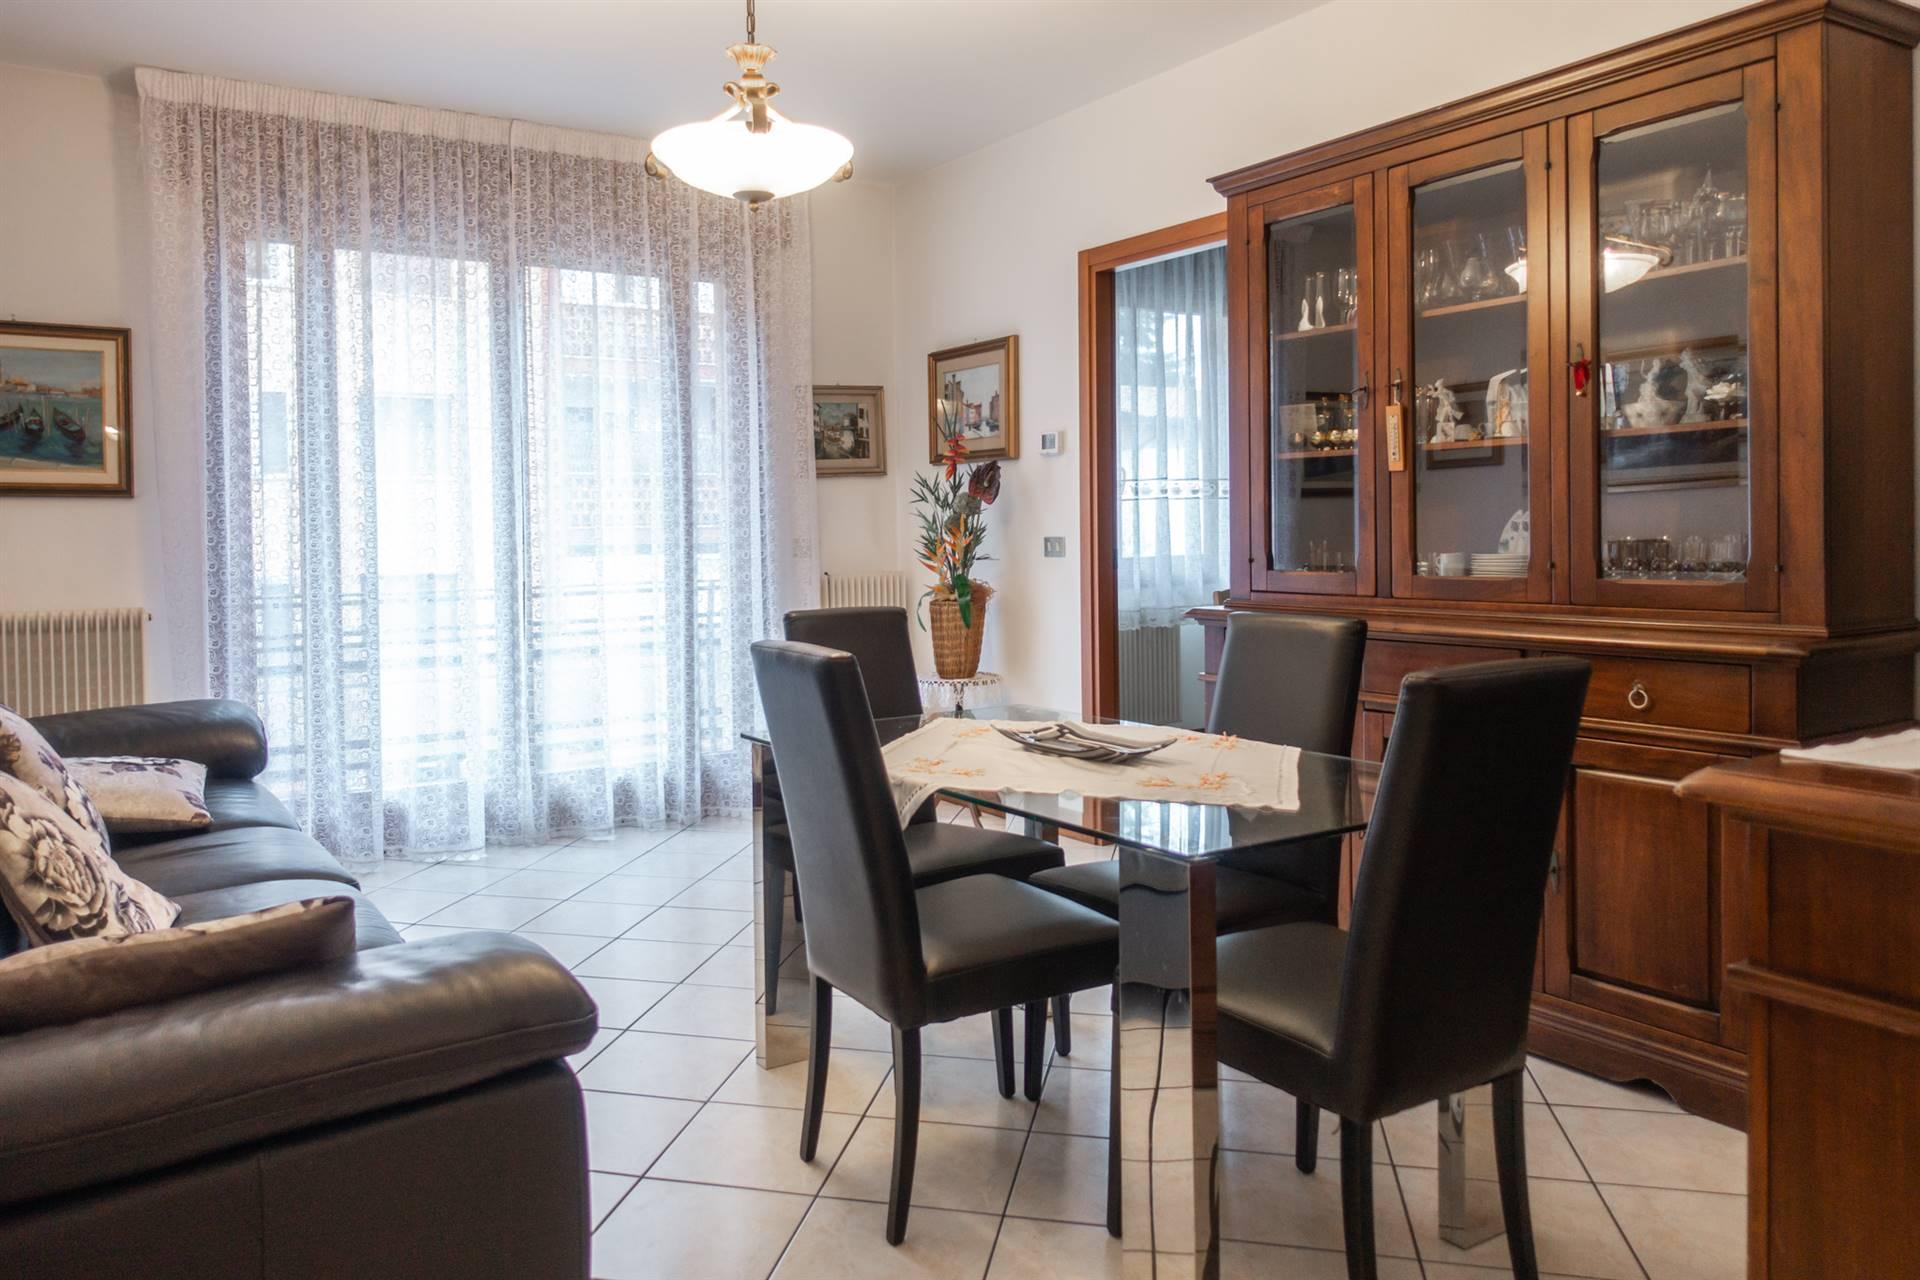 Mestre zona Quattro Cantoni comodo a servizi e mezzi, proponiamo bellissimo appartamento in ottimo contesto e posto al primo piano alto. L'immobile